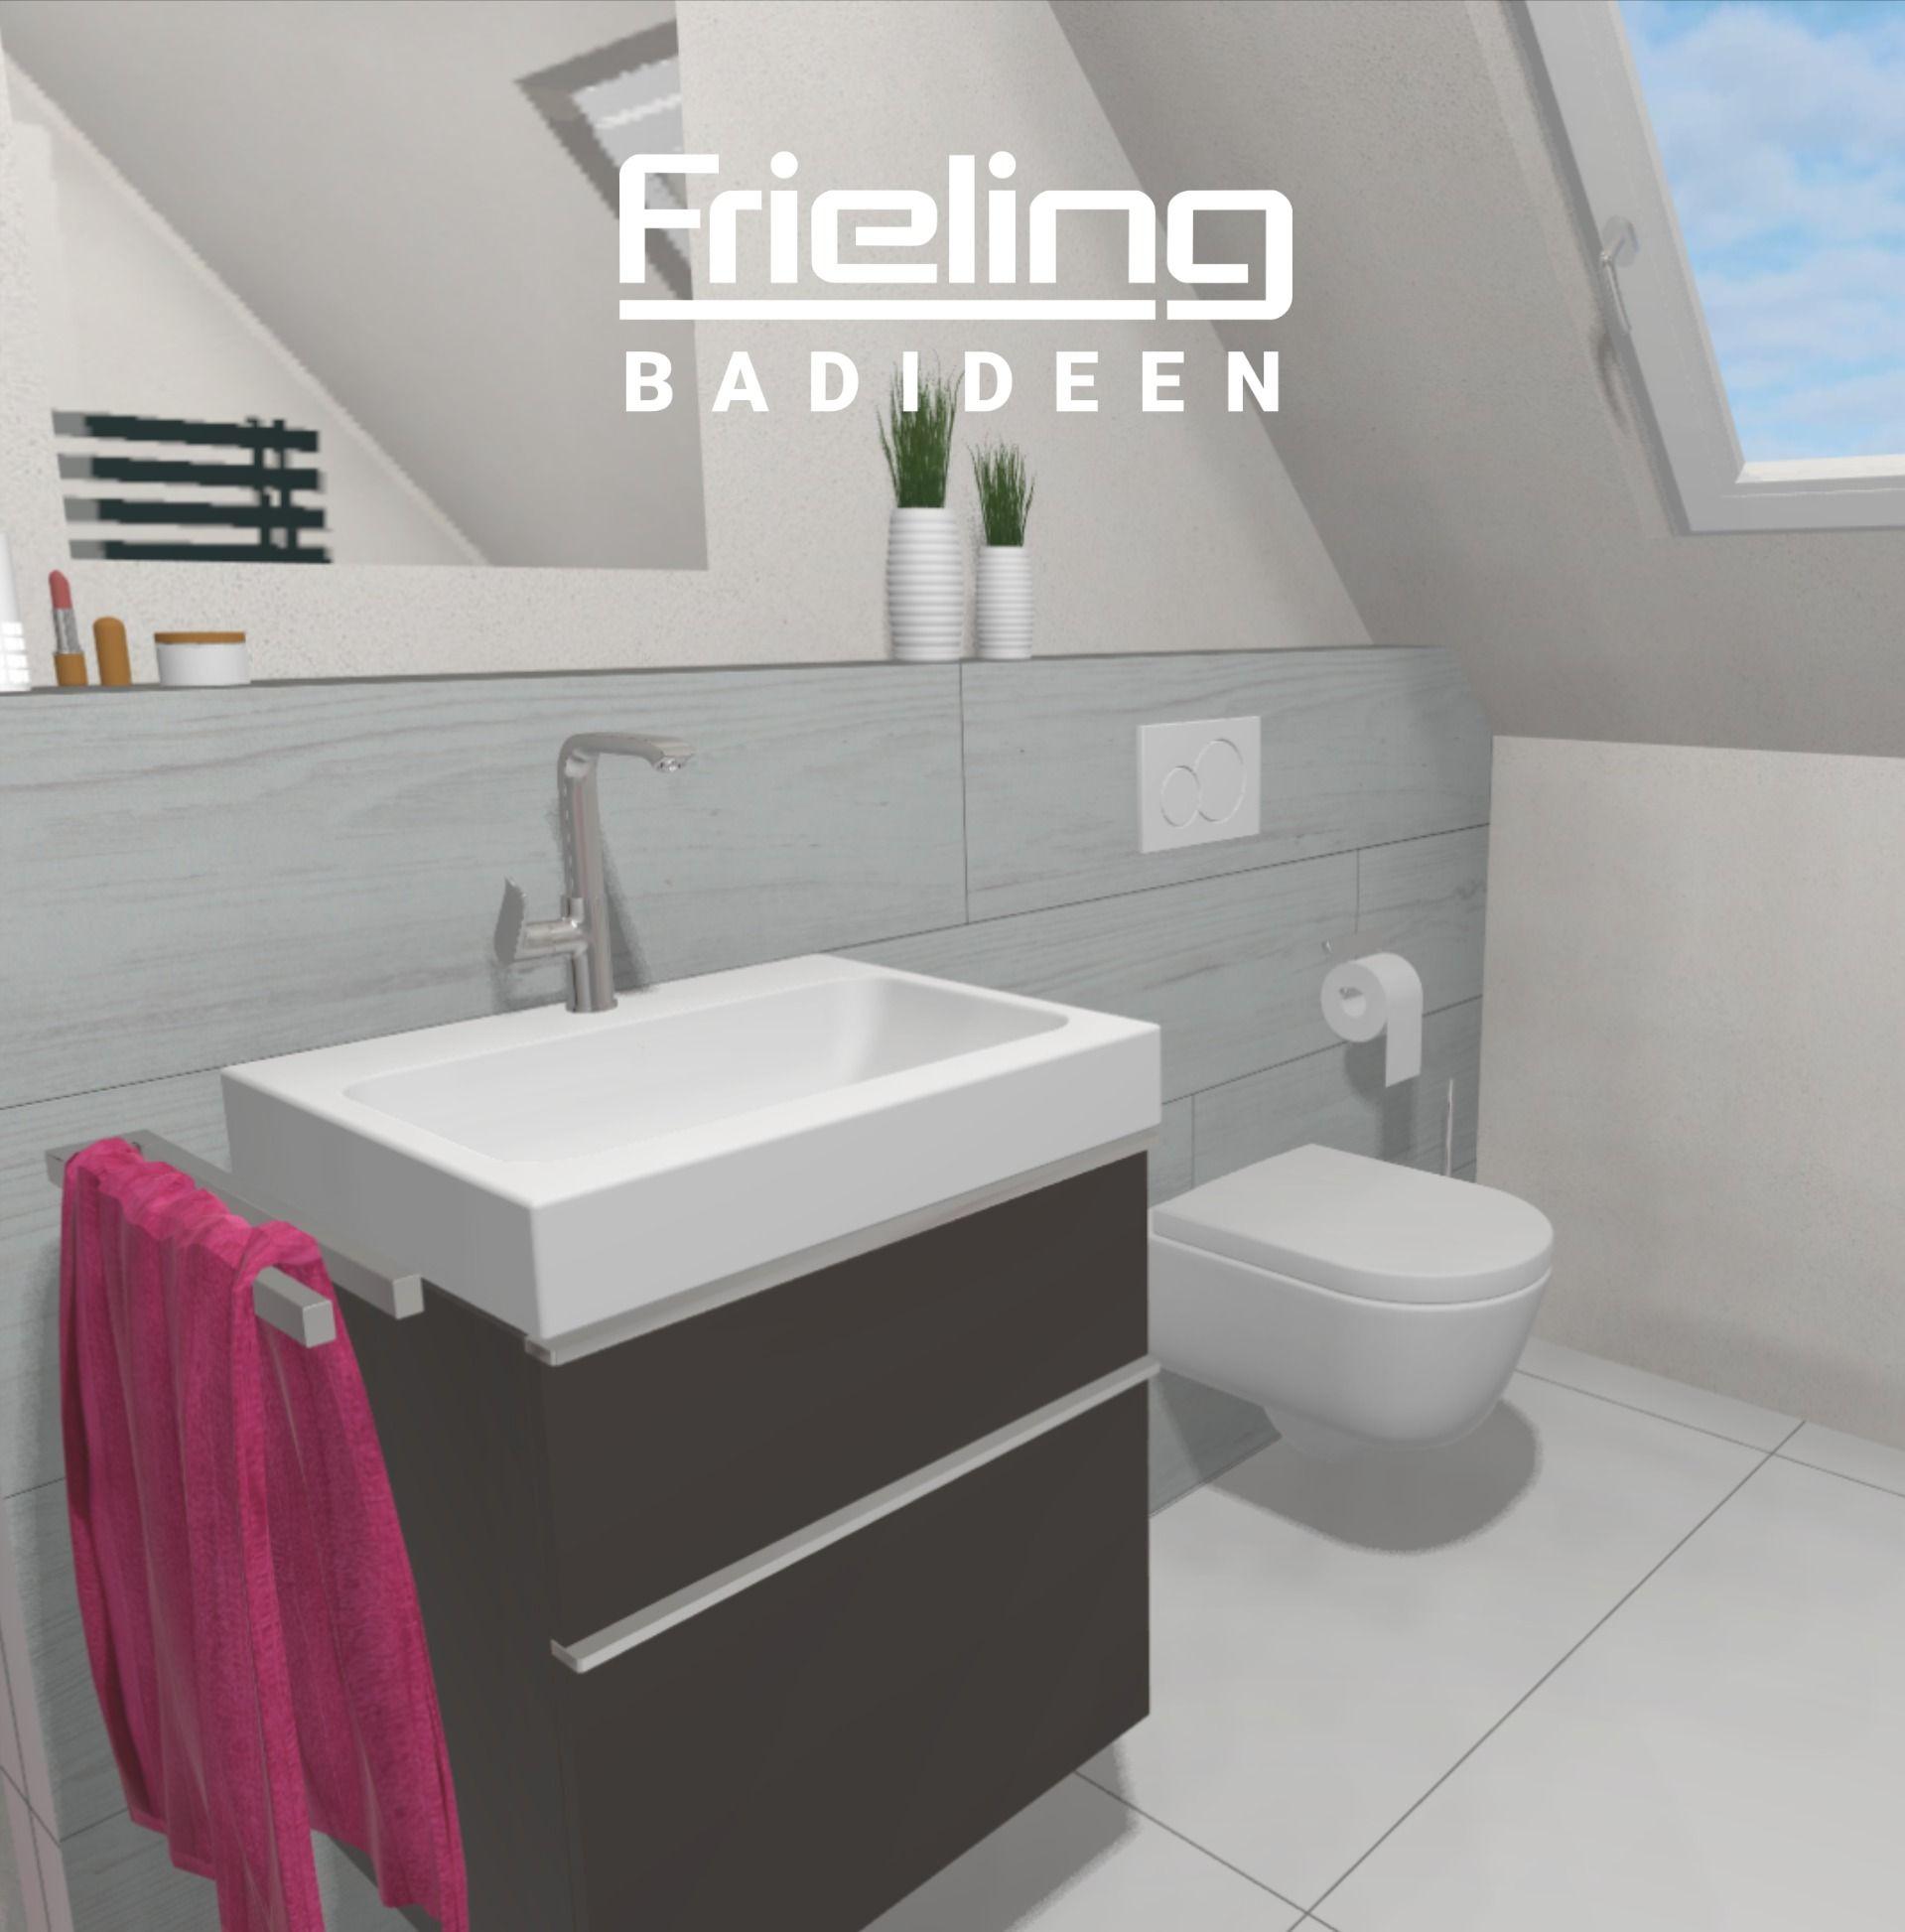 Das Bad Mit Dachschrage Ansicht Waschbecken Und Wand Wc Tageslicht Im Badezimmer Badidee In 2020 Bad Mit Dachschrage Wand Wc Waschbecken